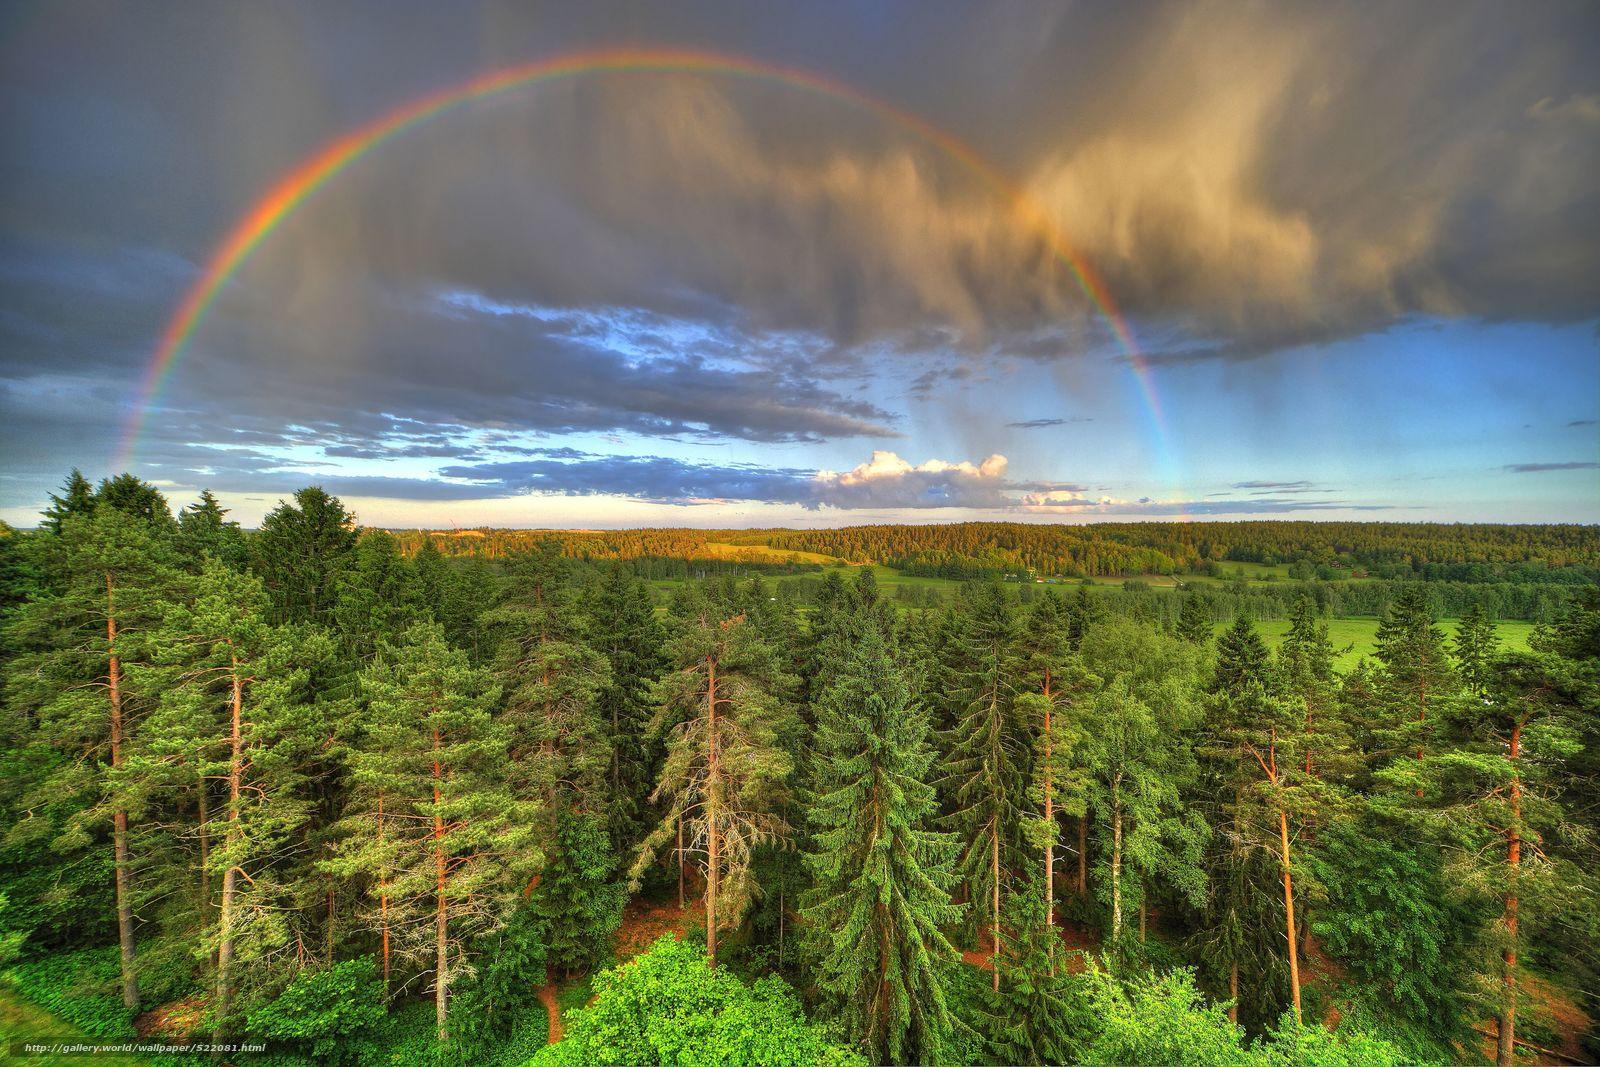 Скачать обои лес,  деревья,  небо,  радуга бесплатно для рабочего стола в разрешении 5315x3543 — картинка №522081